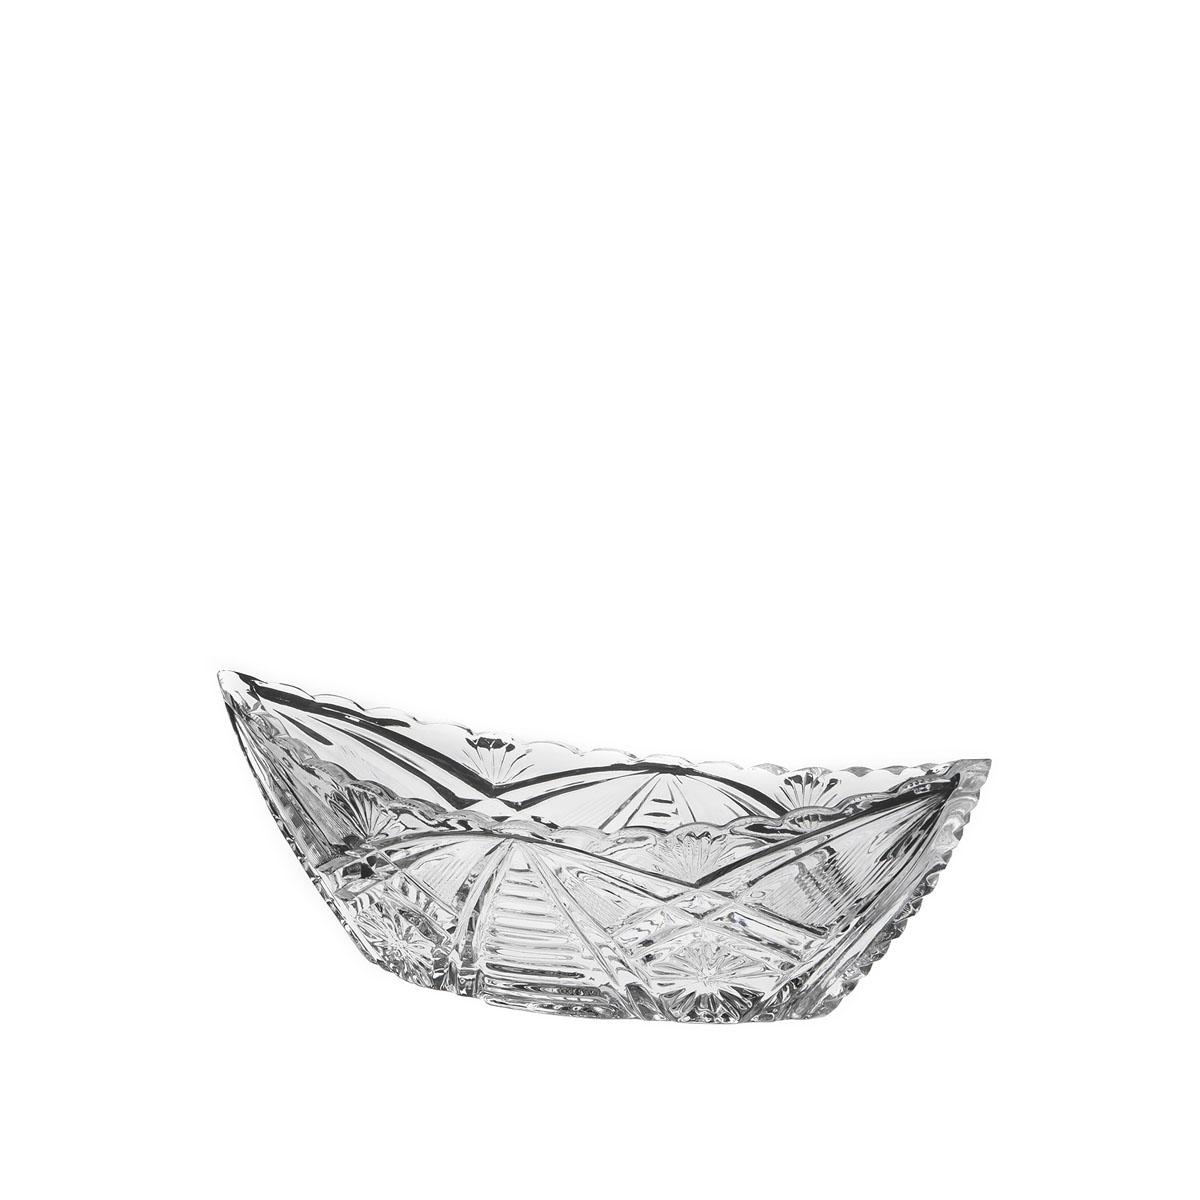 Салатник Дятьковский хрусталь Лодочка. С73С73Салатник из прозрачного хрусталя будет красиво и элегантно смотрится на столе и в качестве салатника, конфетницы или вазочки для печенья. Сверкающий хрусталь фирменного качества, тонкой огранки, с изумительным звучанием и завораживающими переливами света в гранях – одно из главных украшений праздничного застолья или официального приема и прекрасный подарок!